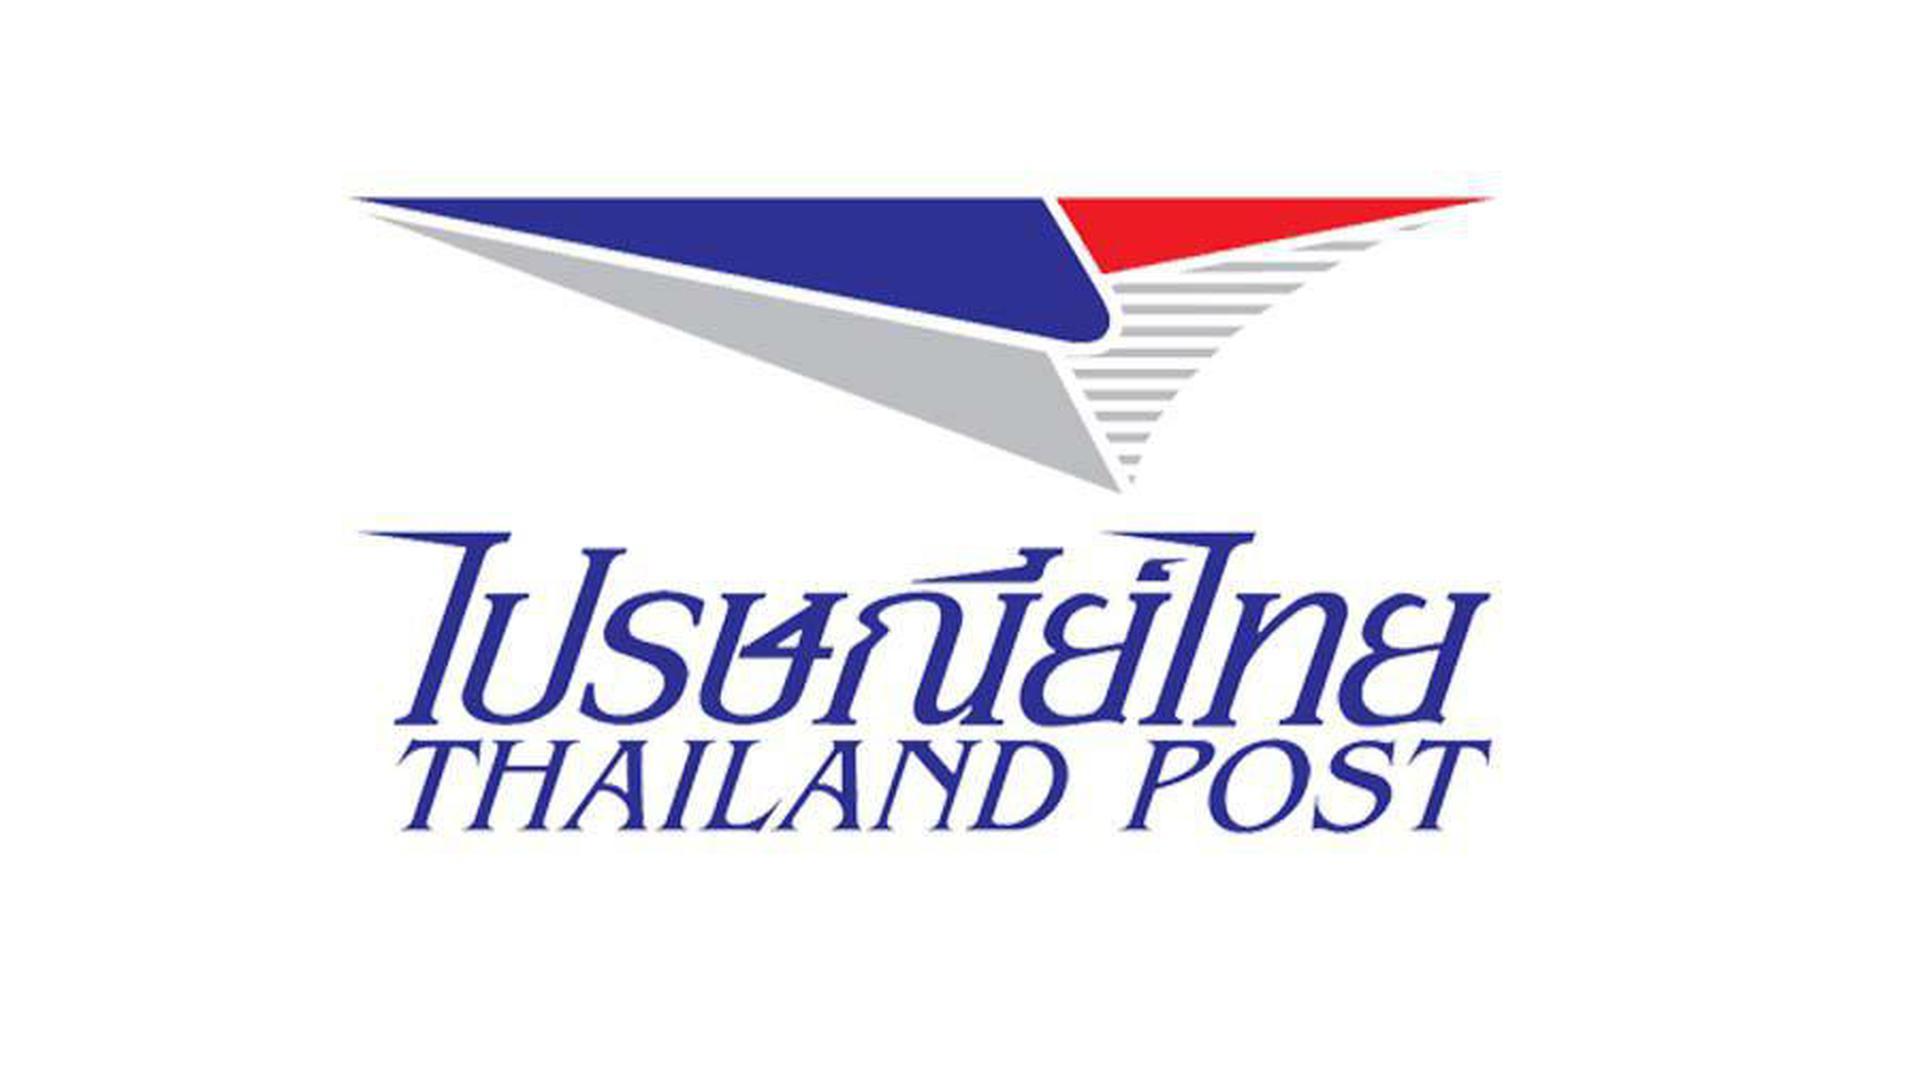 ไปรษณีย์ไทยย้ำมาตรการห้ามส่งสิ่งของผิดกฎหมาย